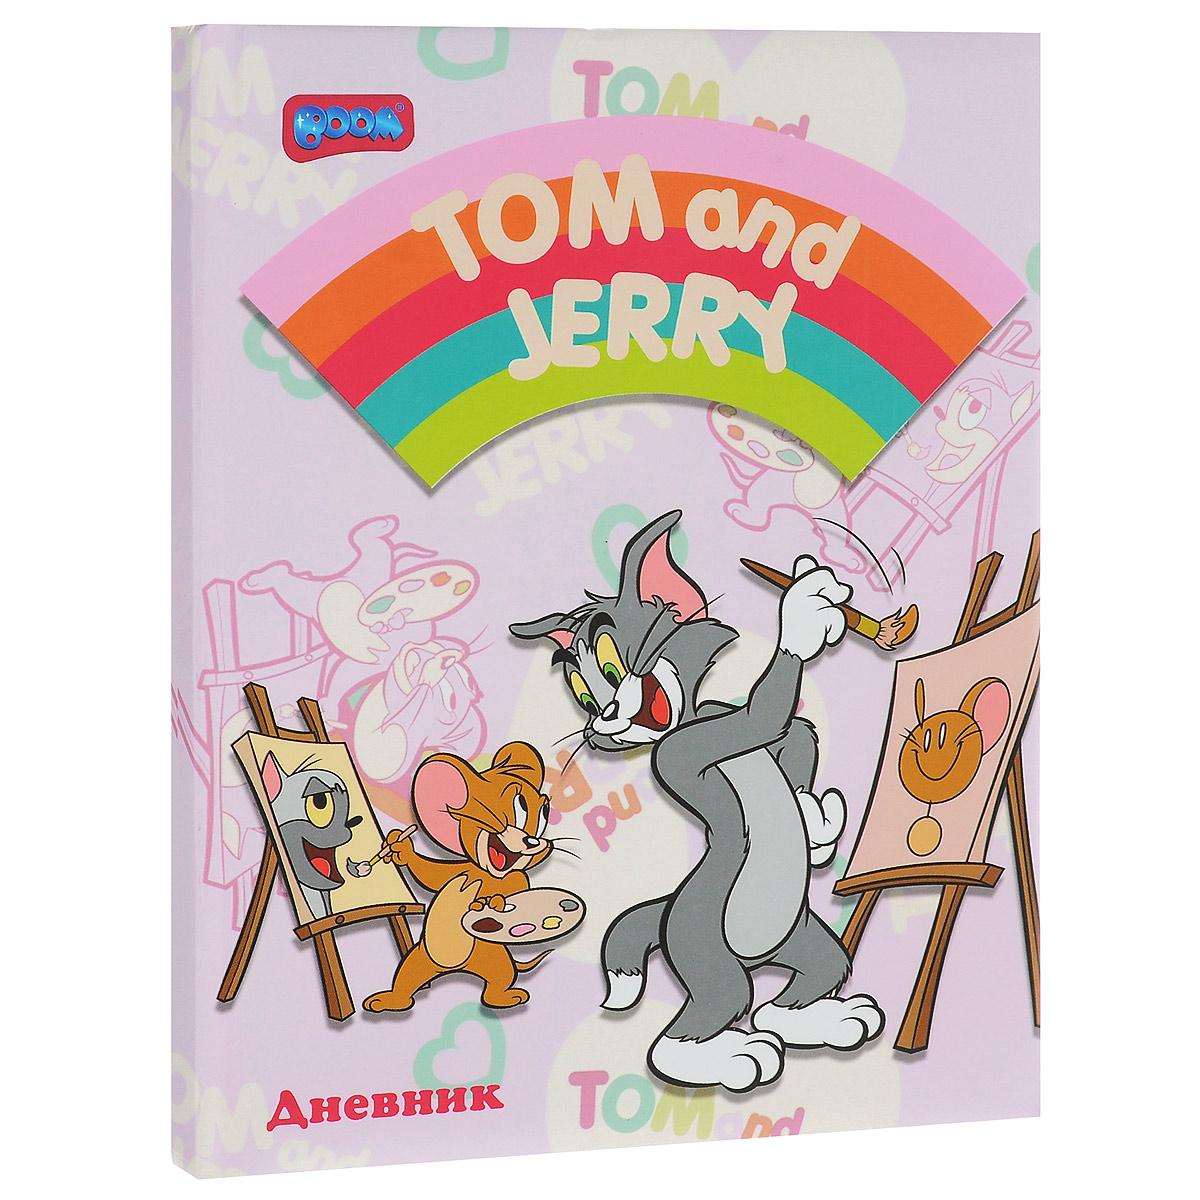 Дневник школьный Boom Том и Джерри 2, цвет: розовый, белый. 244244Школьный дневник Boom Том и Джерри 2 - первый ежедневник вашего ребенка. Он поможет ему не забыть свои задания, а вы всегда сможете проконтролировать его успеваемость. Дневник предназначен для учеников 1-4 классов. Внутренний блок дневника состоит из 48 листов бумаги светло-желтого цвета с изображением забавных зверюшек. Яркая обложка в твердом переплете с поролоном выполнена из глянцевого картона. В структуру дневника входят все необходимые разделы: информация о личных данных ученика, расписание уроков по четвертям, сведения о преподавателях и дополнительных занятиях. Дневник содержит номера телефонов экстренной помощи и даты праздничных дней. В конце дневника имеются сведения об успеваемости с заметками классного руководителя и учителей, информация о каникулах и краткий справочник школьника по математике и русскому языку. Дневник Boom Том и Джерри 2 станет отличным помощником в освоении новых знаний и украсит учебные будни.